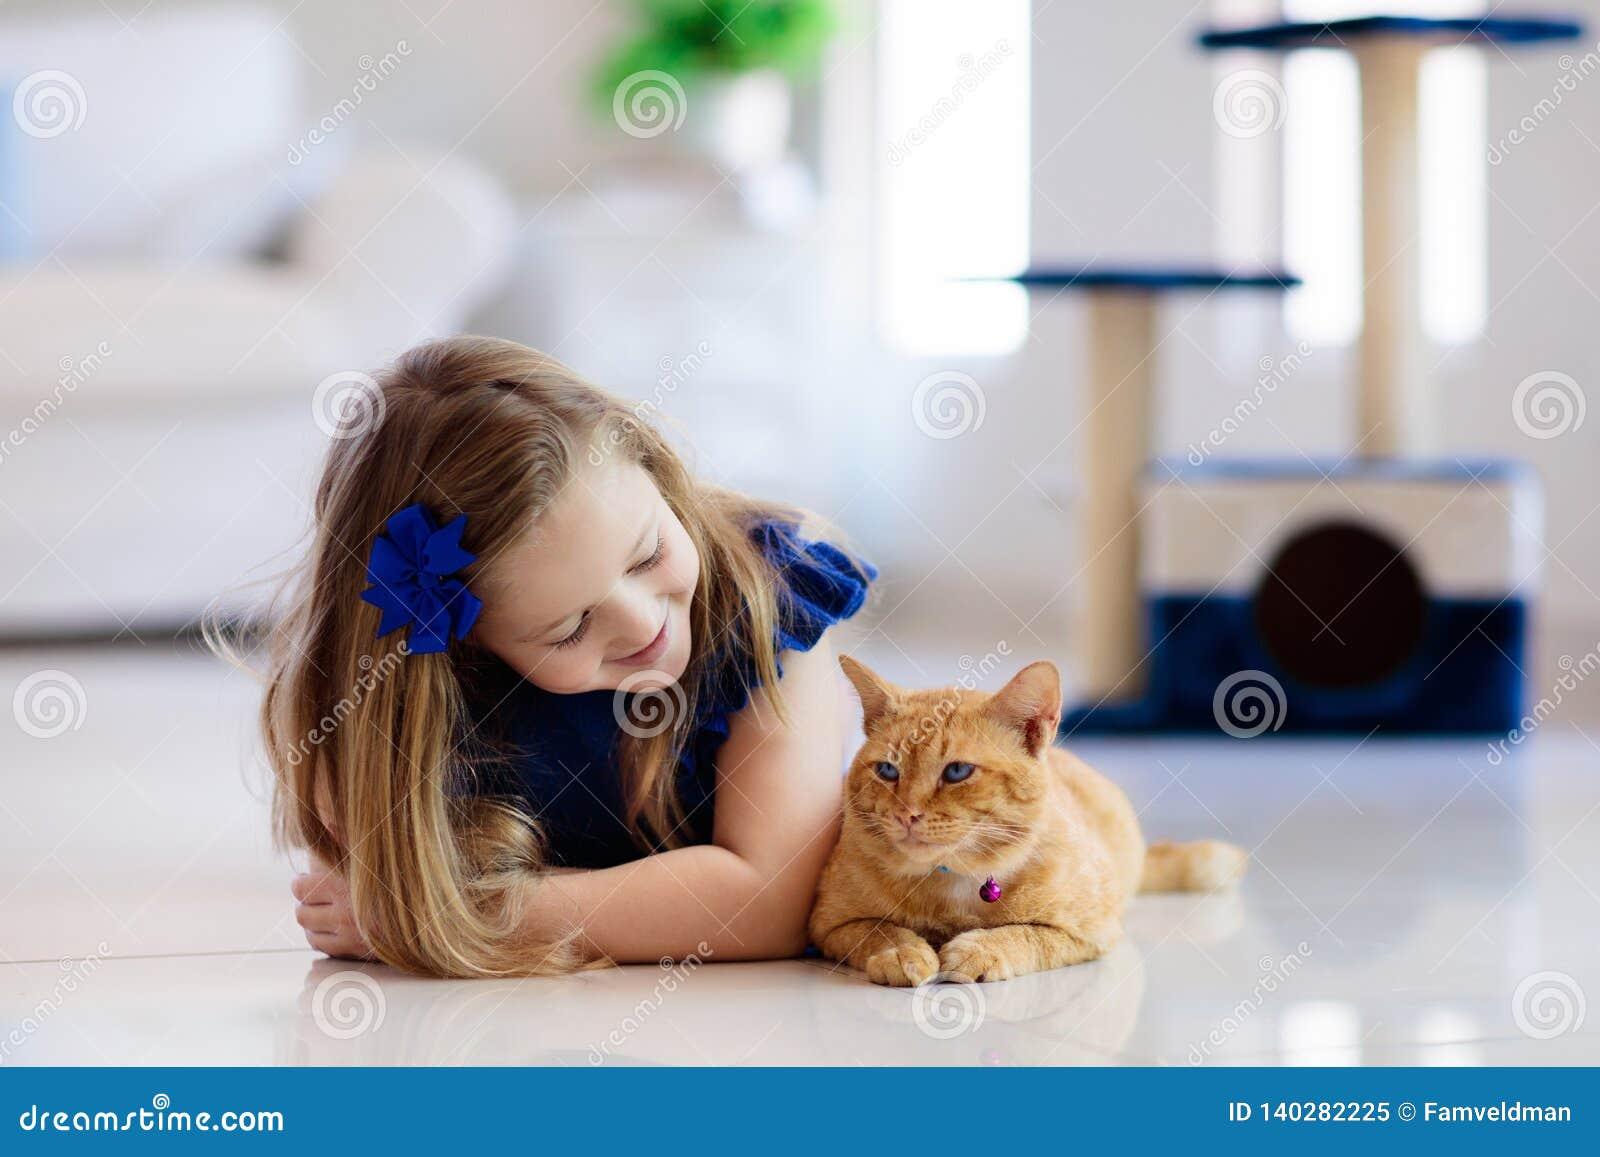 Enfant jouant avec le chat à la maison Enfants et animaux familiers